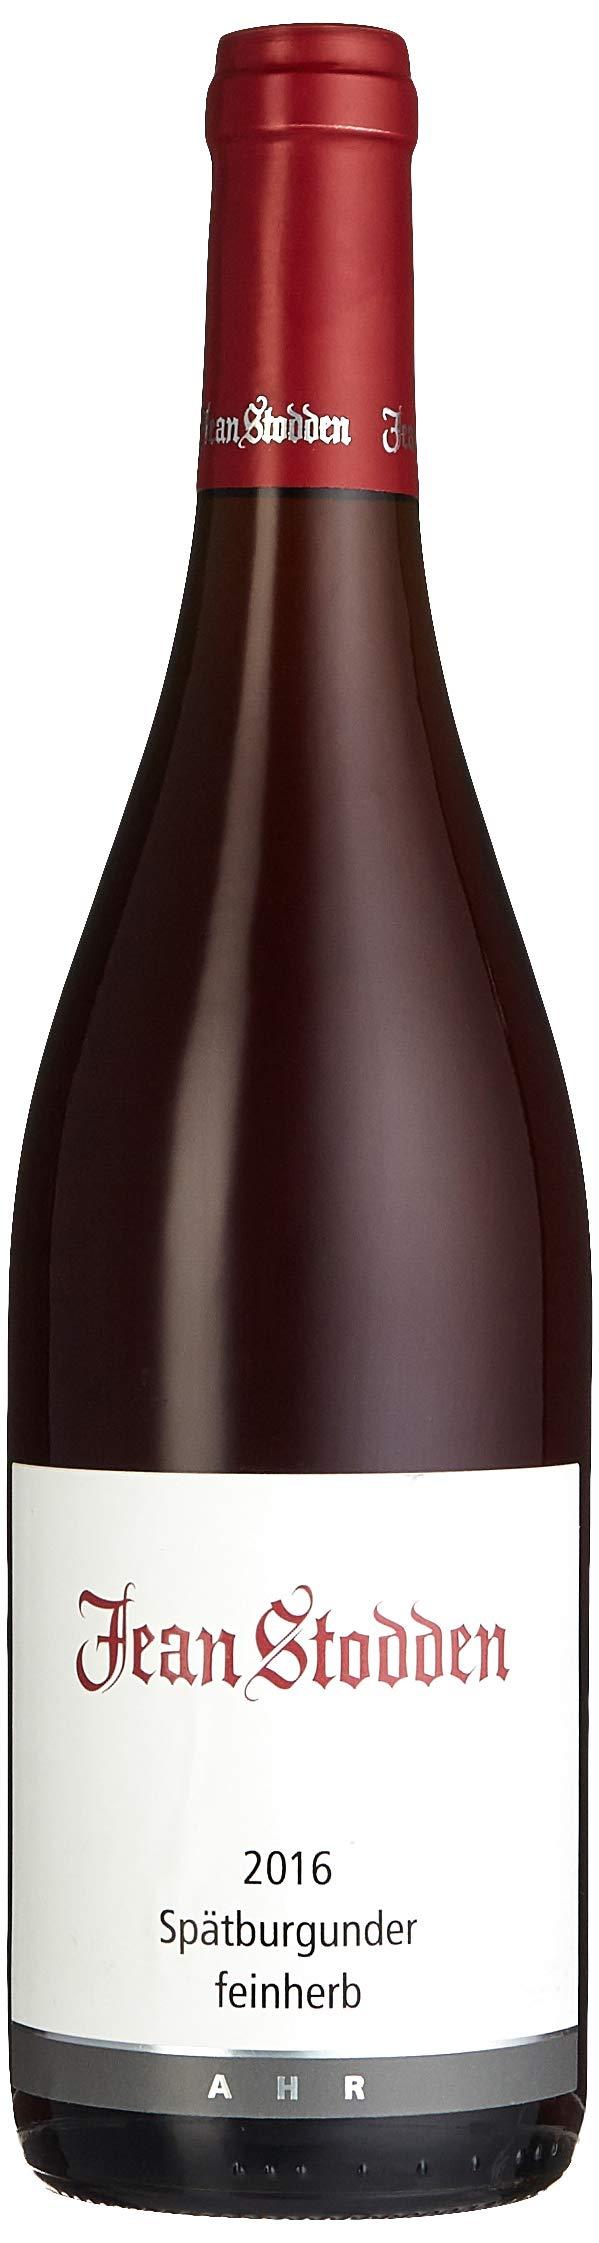 Weingut-Jean-Stodden-Dernauer-Sptburgunder-Qualittswein-feinherb-1-x-075-l